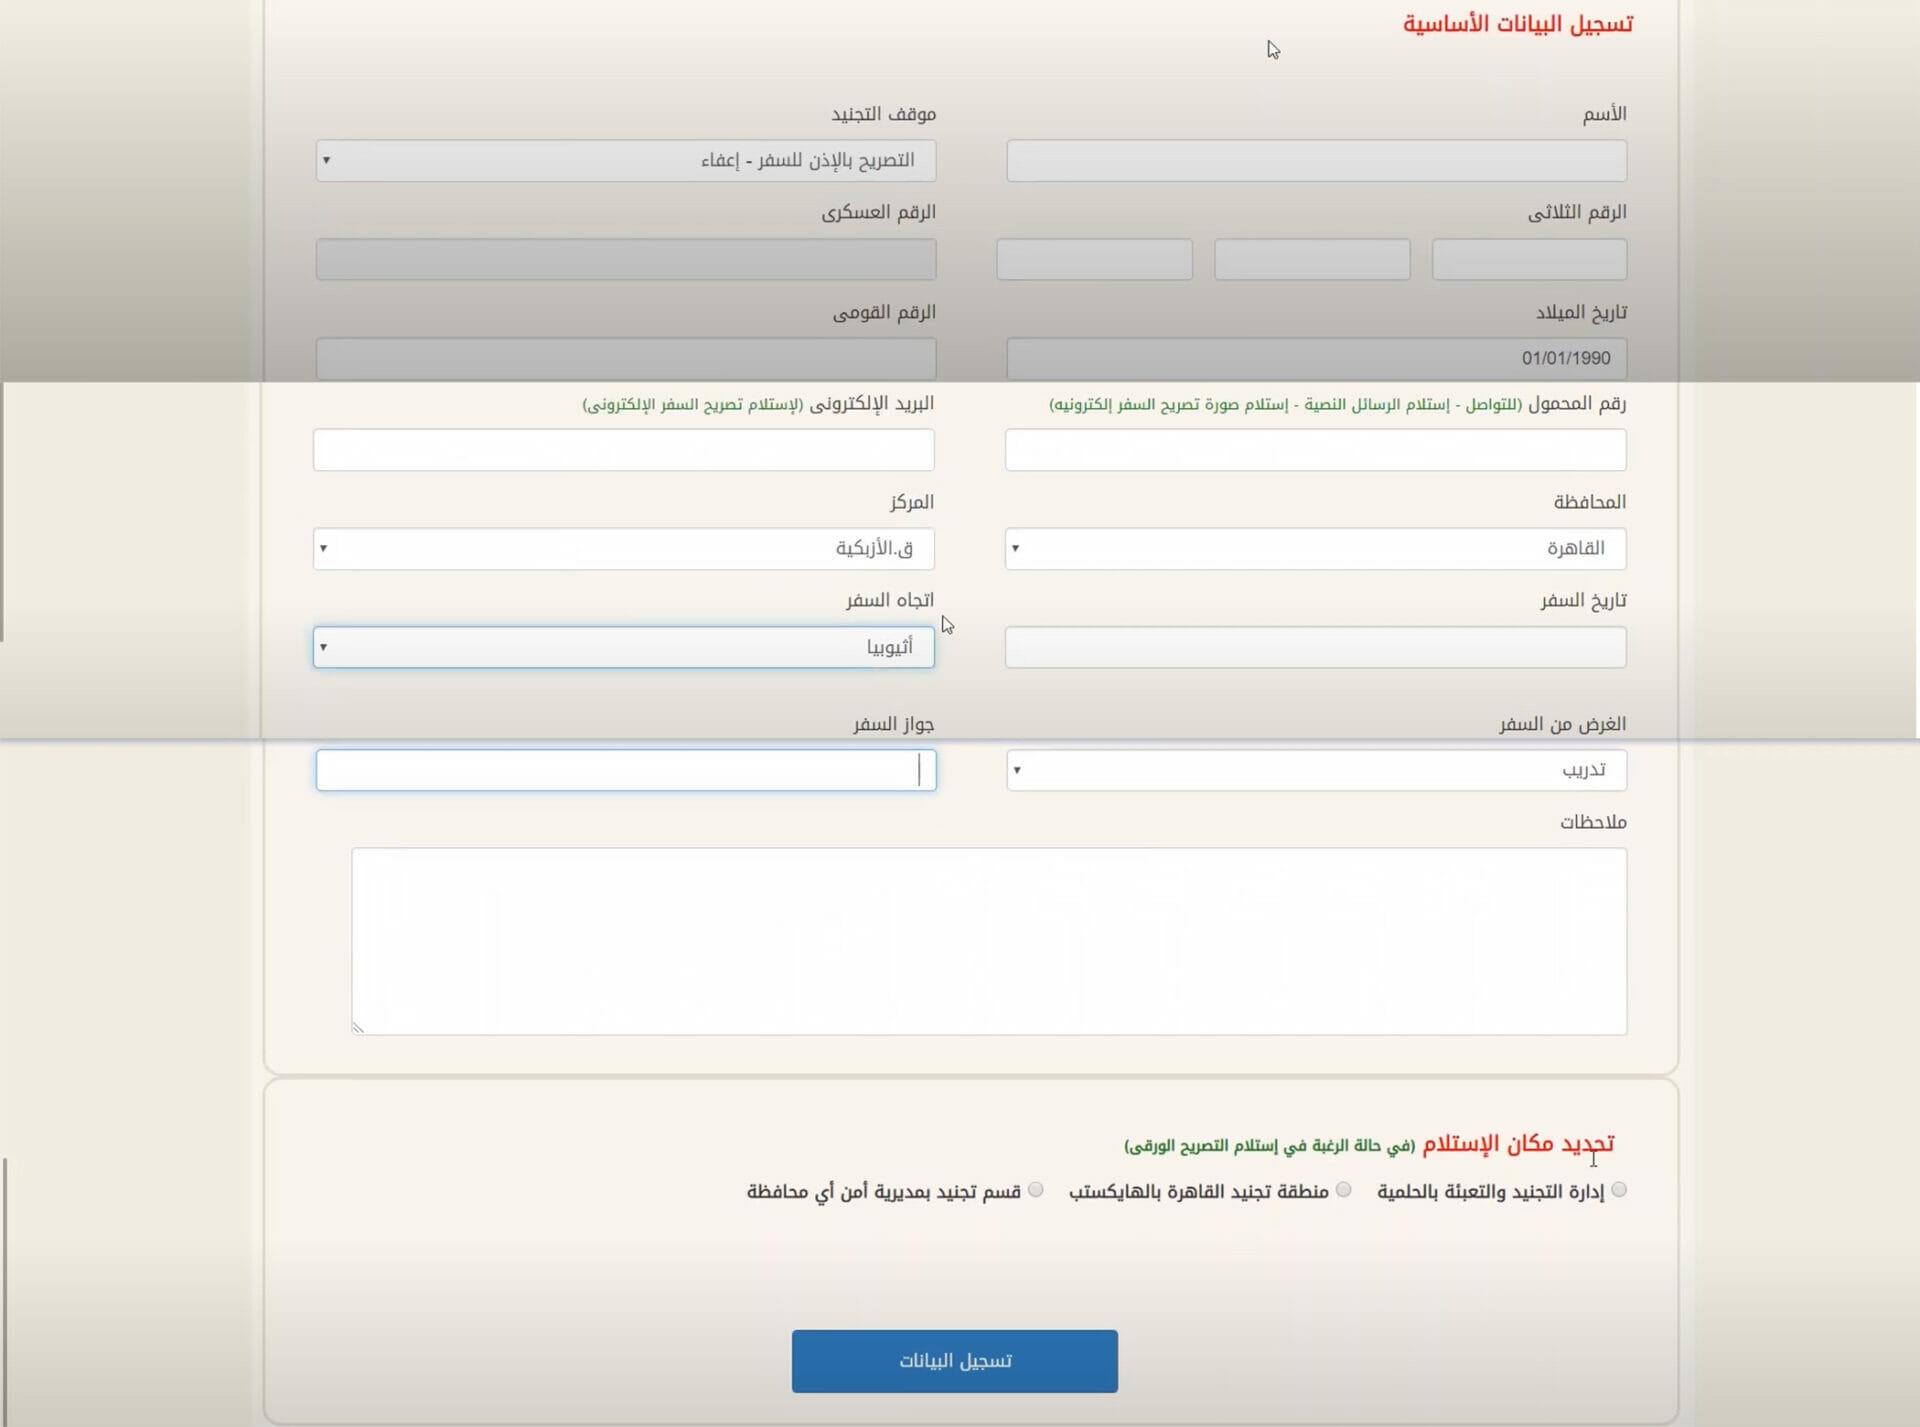 شرح بالصور ملئ معلومات الشخصية لاستخراج تصريح سفر الكتروني